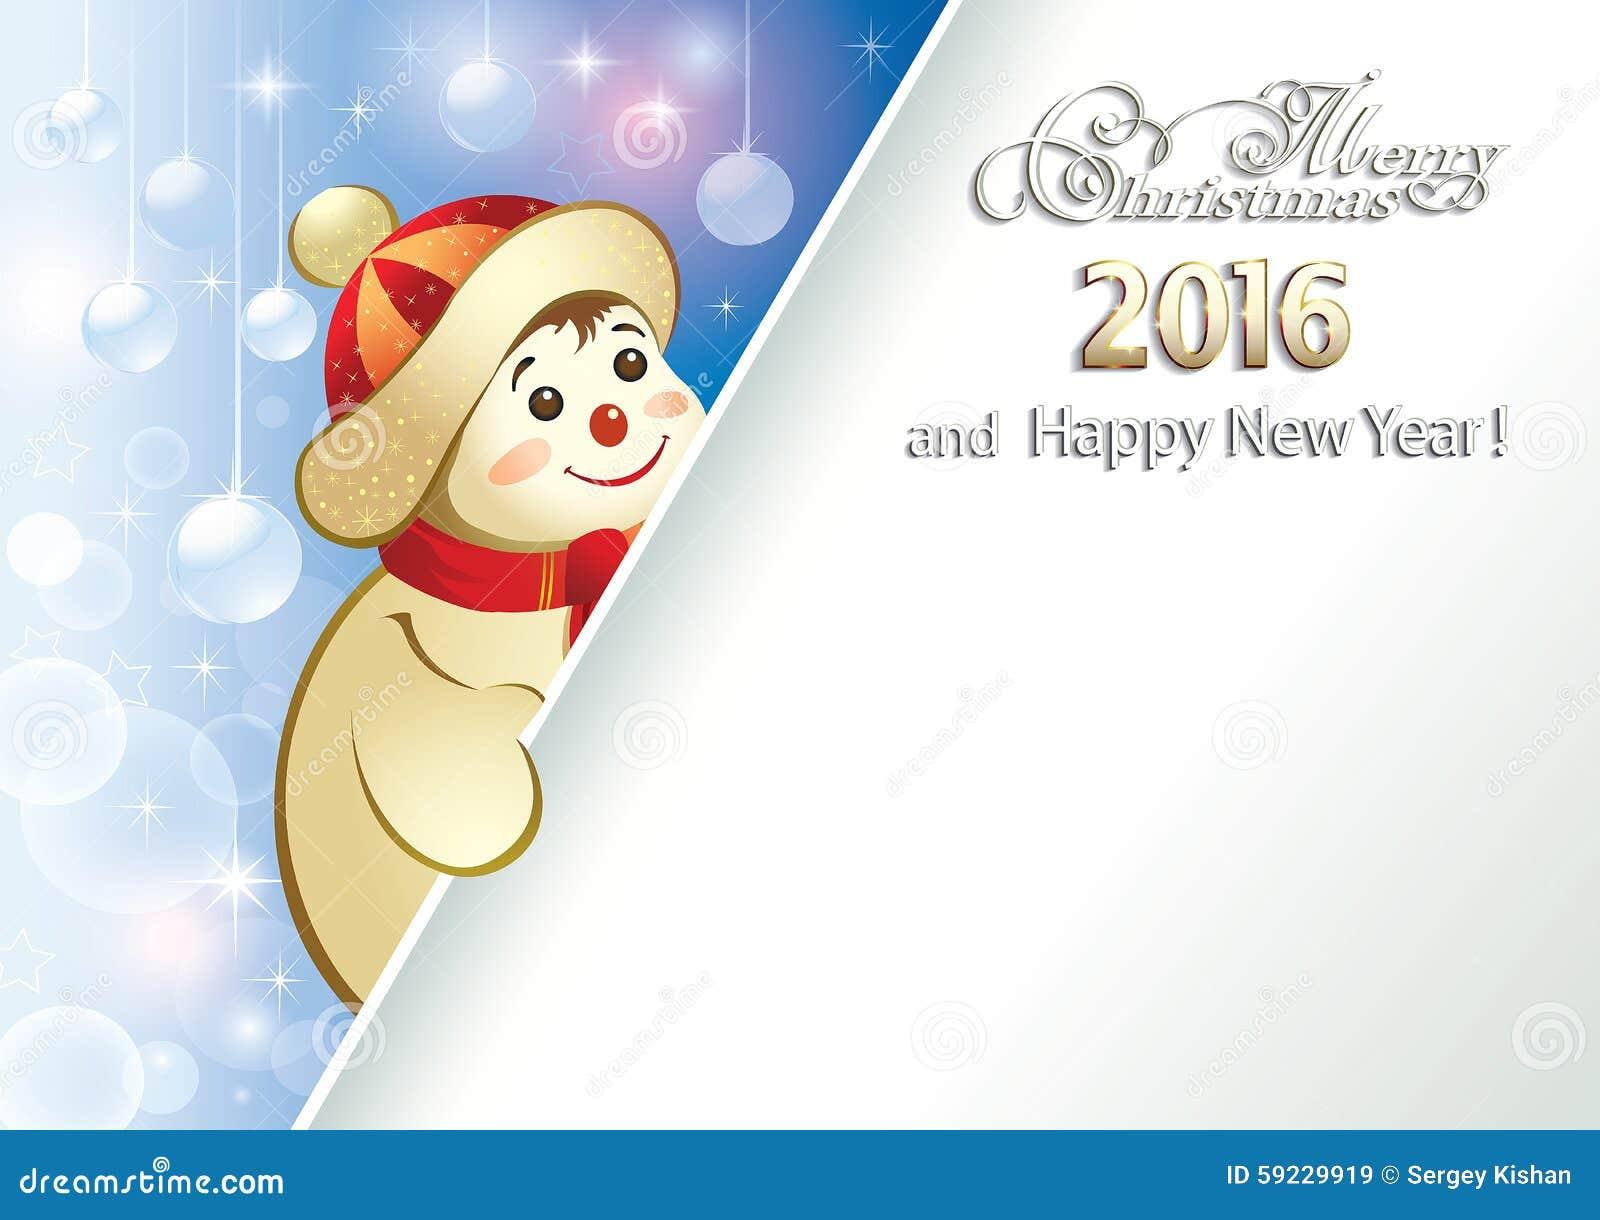 Download Tarjeta De Navidad Con Un Muñeco De Nieve Alegre Ilustración del Vector - Ilustración de diciembre, cartel: 59229919